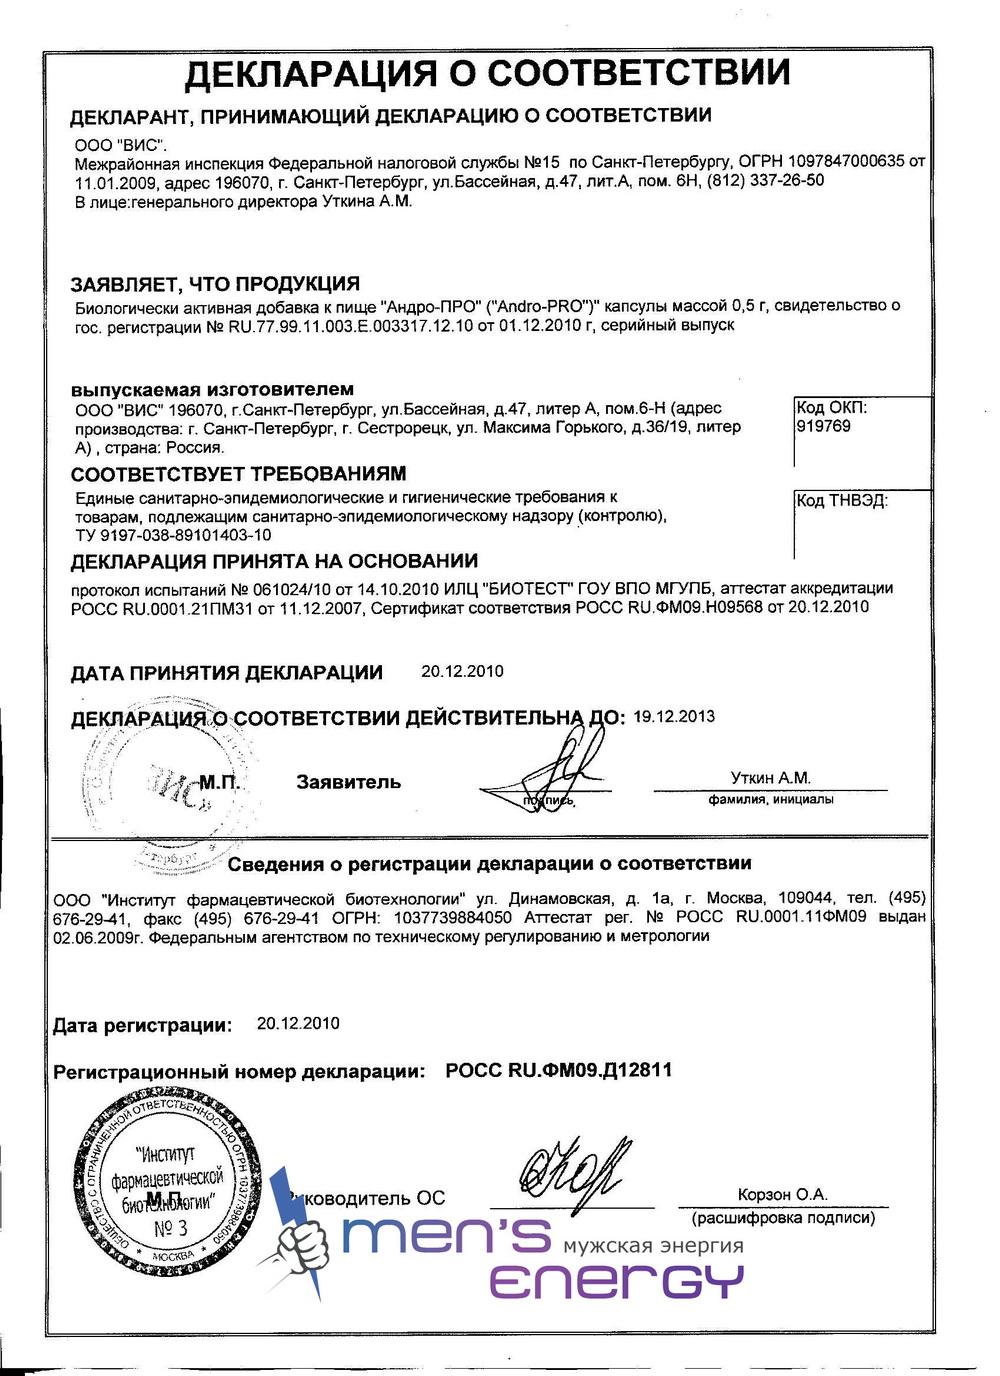 купить ярсагумба форте в москве